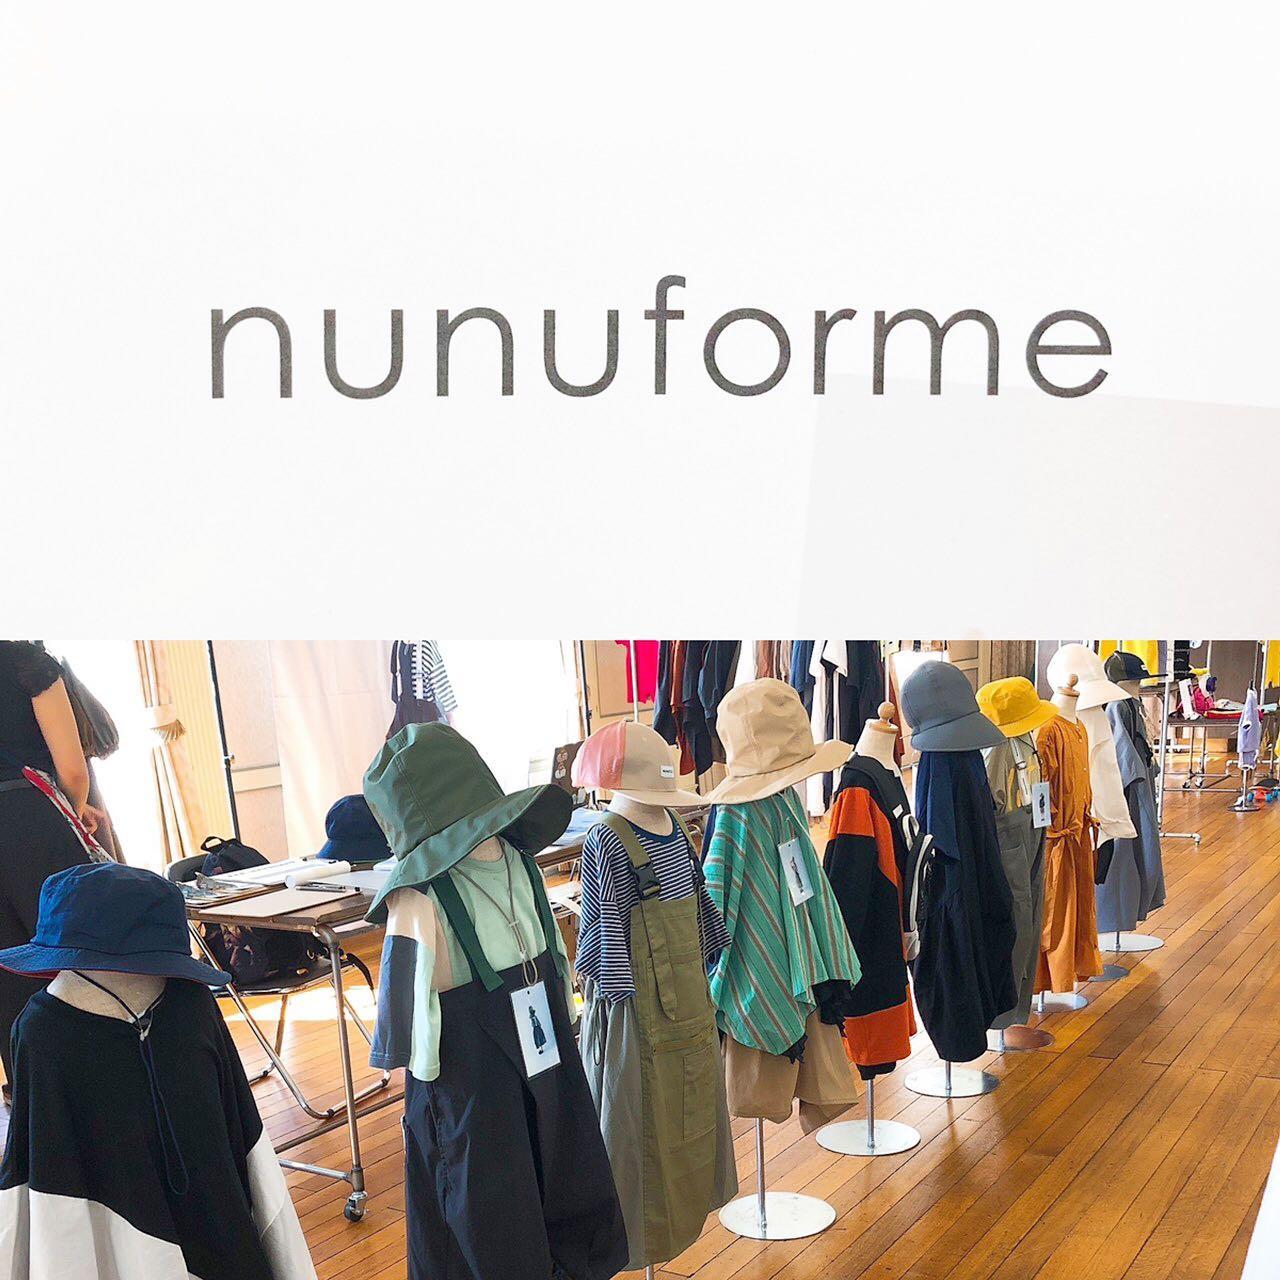 .【nunuforme】.10月2日(金)〜5日(月)までnunuformeのオーダー会を開催致します!!今回は2021春夏の商品です!.サンプルのお洋服を見ながらオーダーできますのでぜひ、この機会にnunuformeのお洋服を見に来て下さい♡.密を避けるため、ご来店時間のご予約も行っております!ご予約のお客さまはDM、電話での受付になります。tel 0899336318.混雑時はご予約のお客さま優先にさせて頂きます。ご理解よろしくお願い致します。.....#愛媛#松山#大街道#ehime#matsuyama#BlessofBless#セレクトショップ#今日のコーディネート#お洒落さんと繋がりたい#2020#20aw#子供服#子供服セレクトショップ #親子コーデ #リンクコーデ - from Instagram